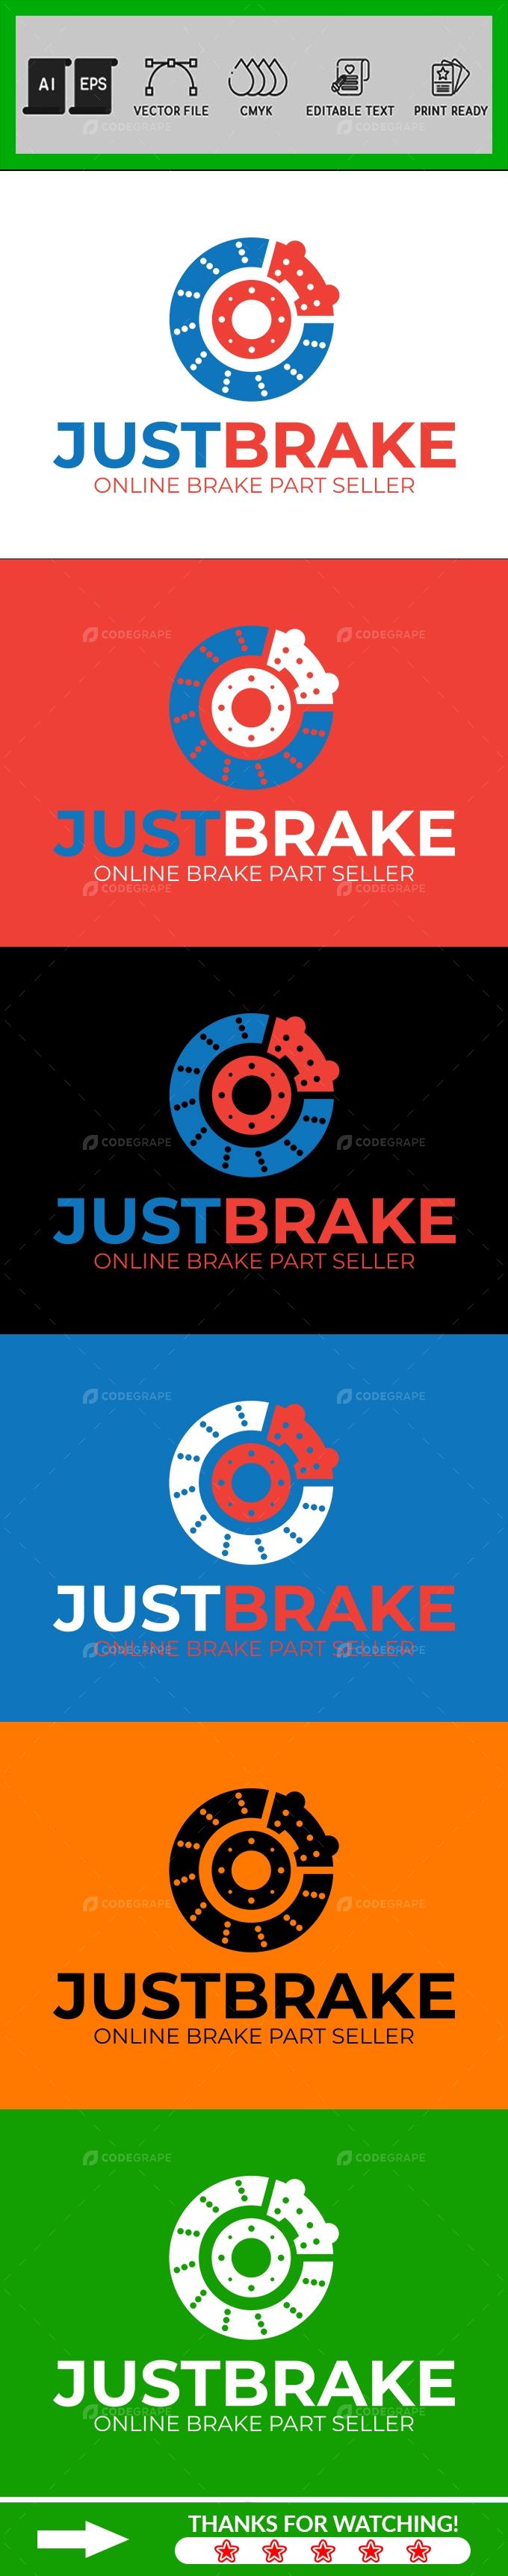 Online Brake Part Seller Logo Design